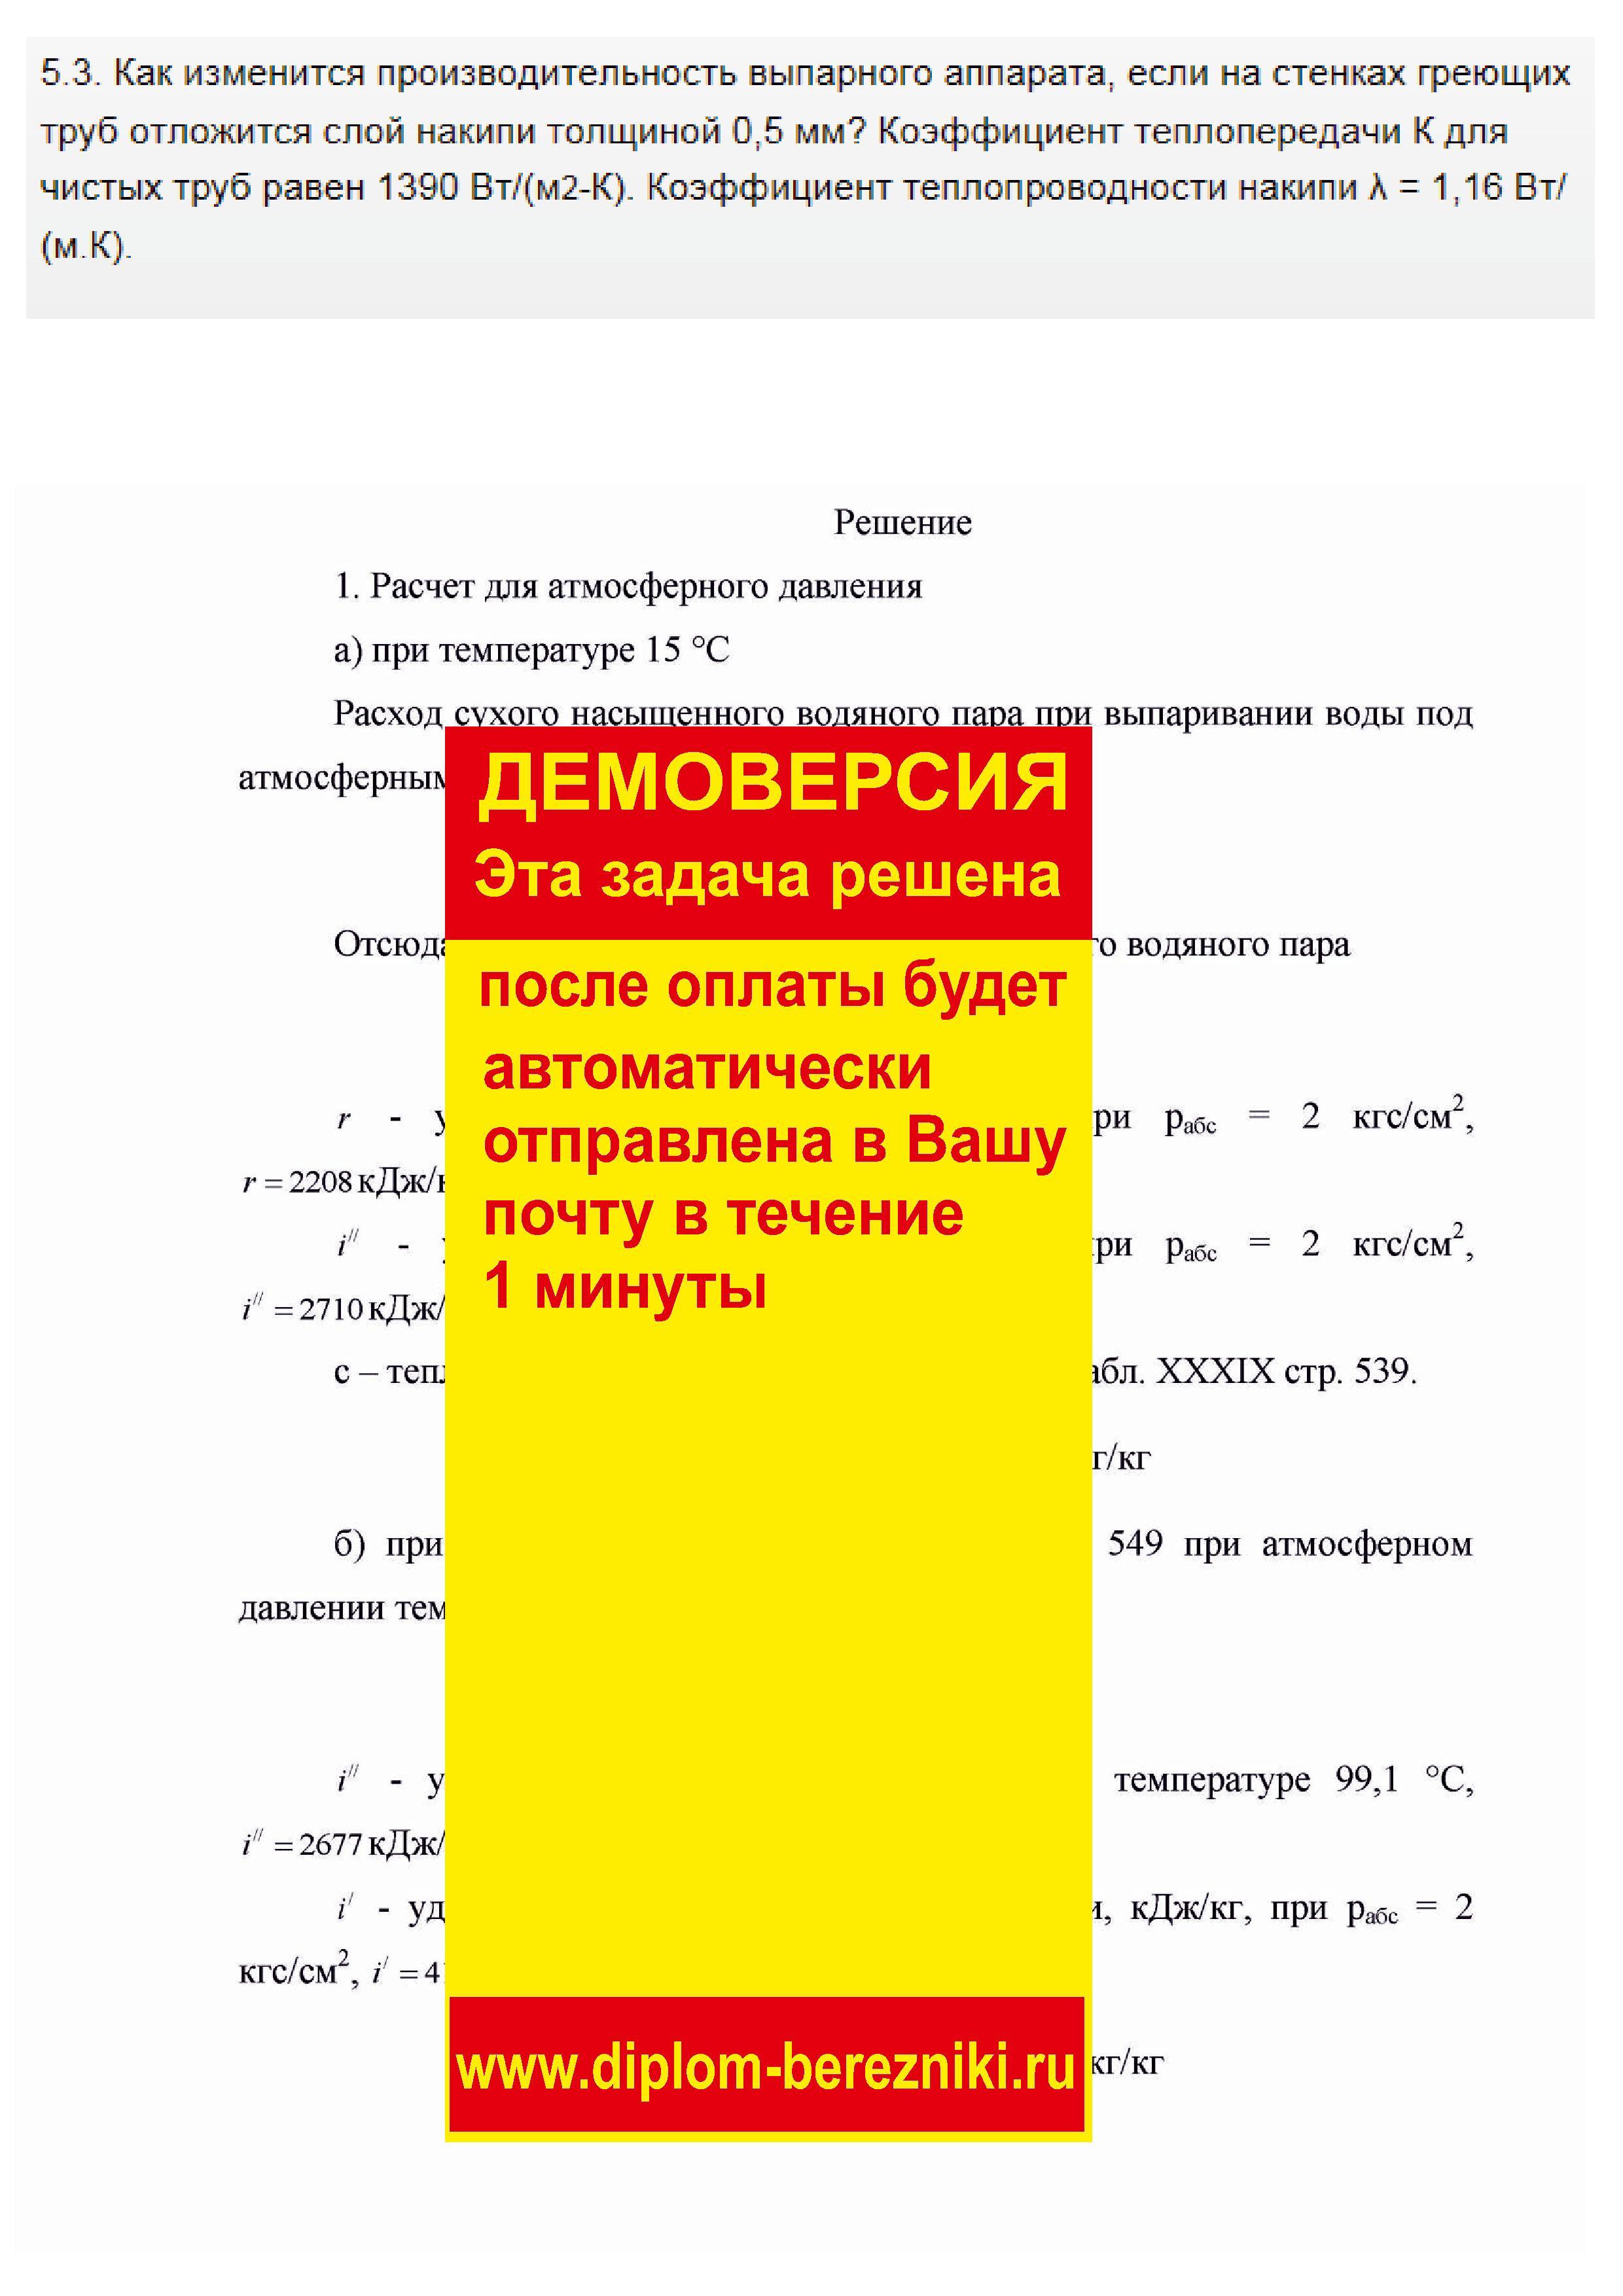 Решение задачи 5.3 по ПАХТ из задачника Павлова Романкова Носкова